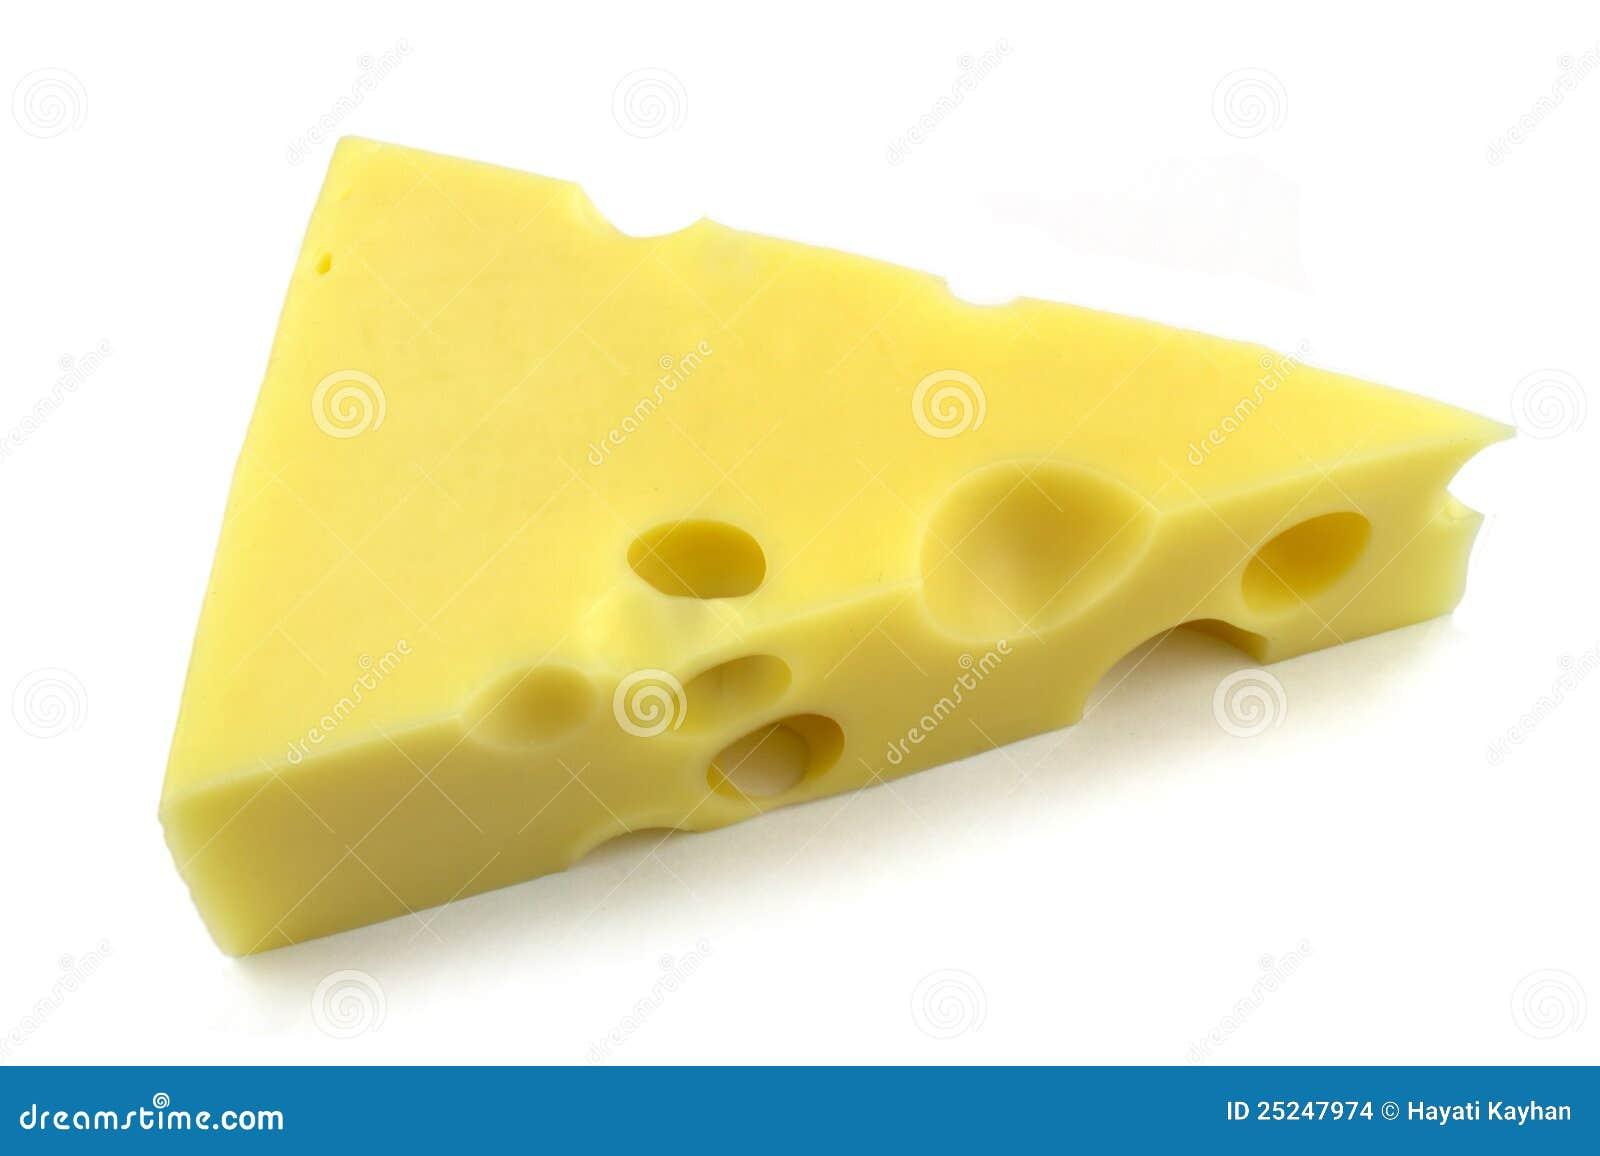 emmentaler swiss cheese